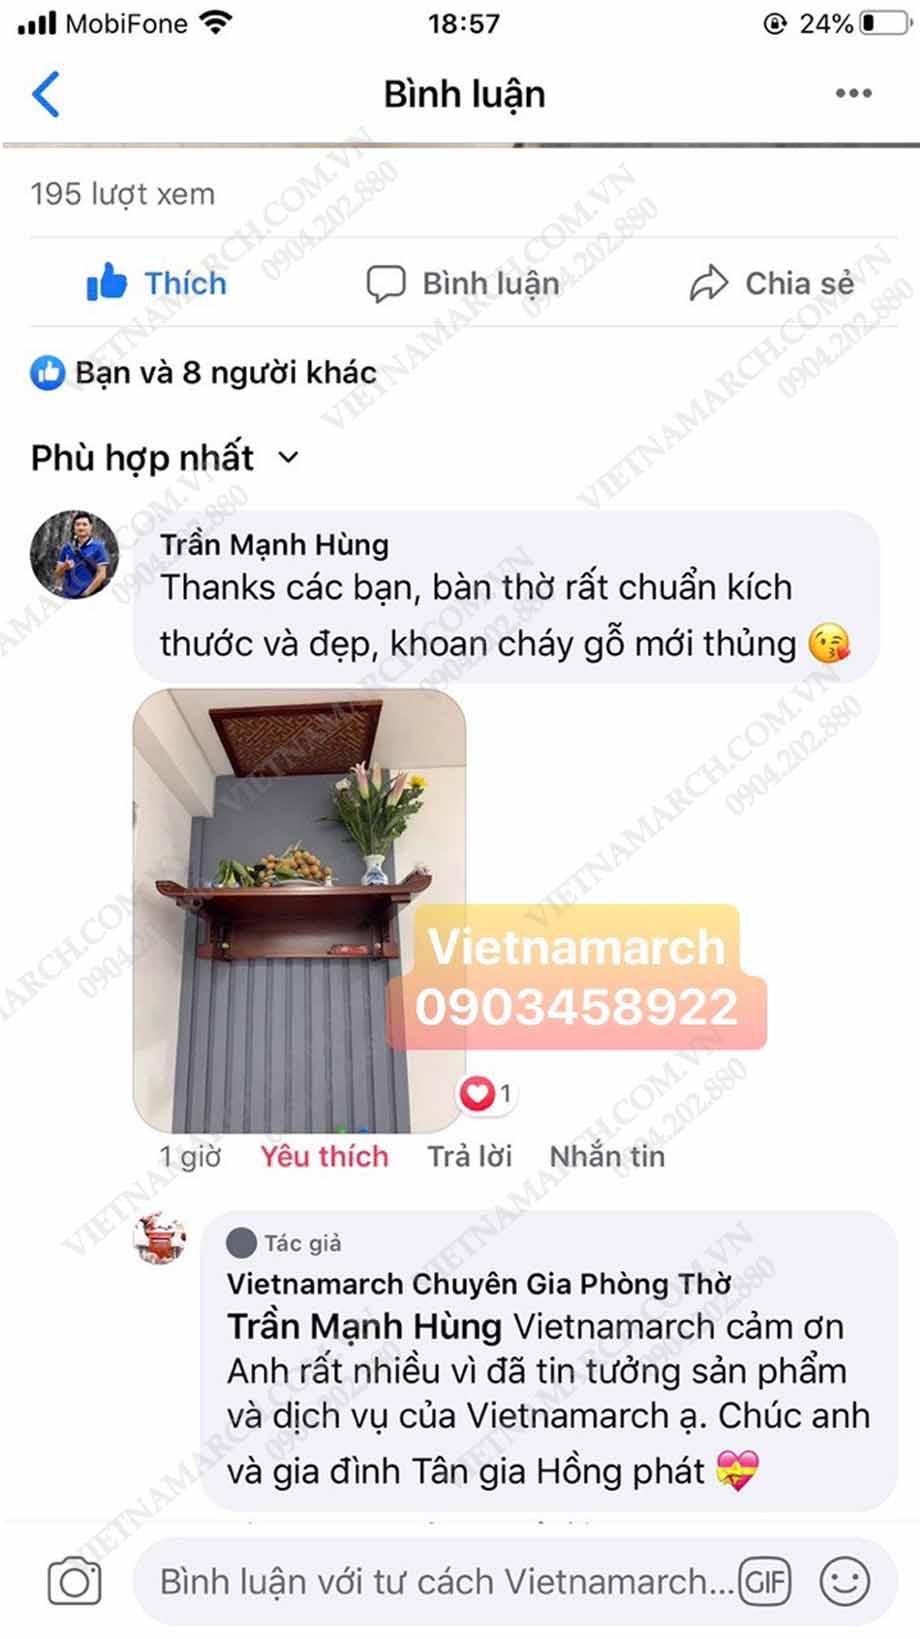 Feedback của anh Hùng tại Hoàng Mai - Hà Nội phản hồi lại khi mua bàn thờ Vietnamarch